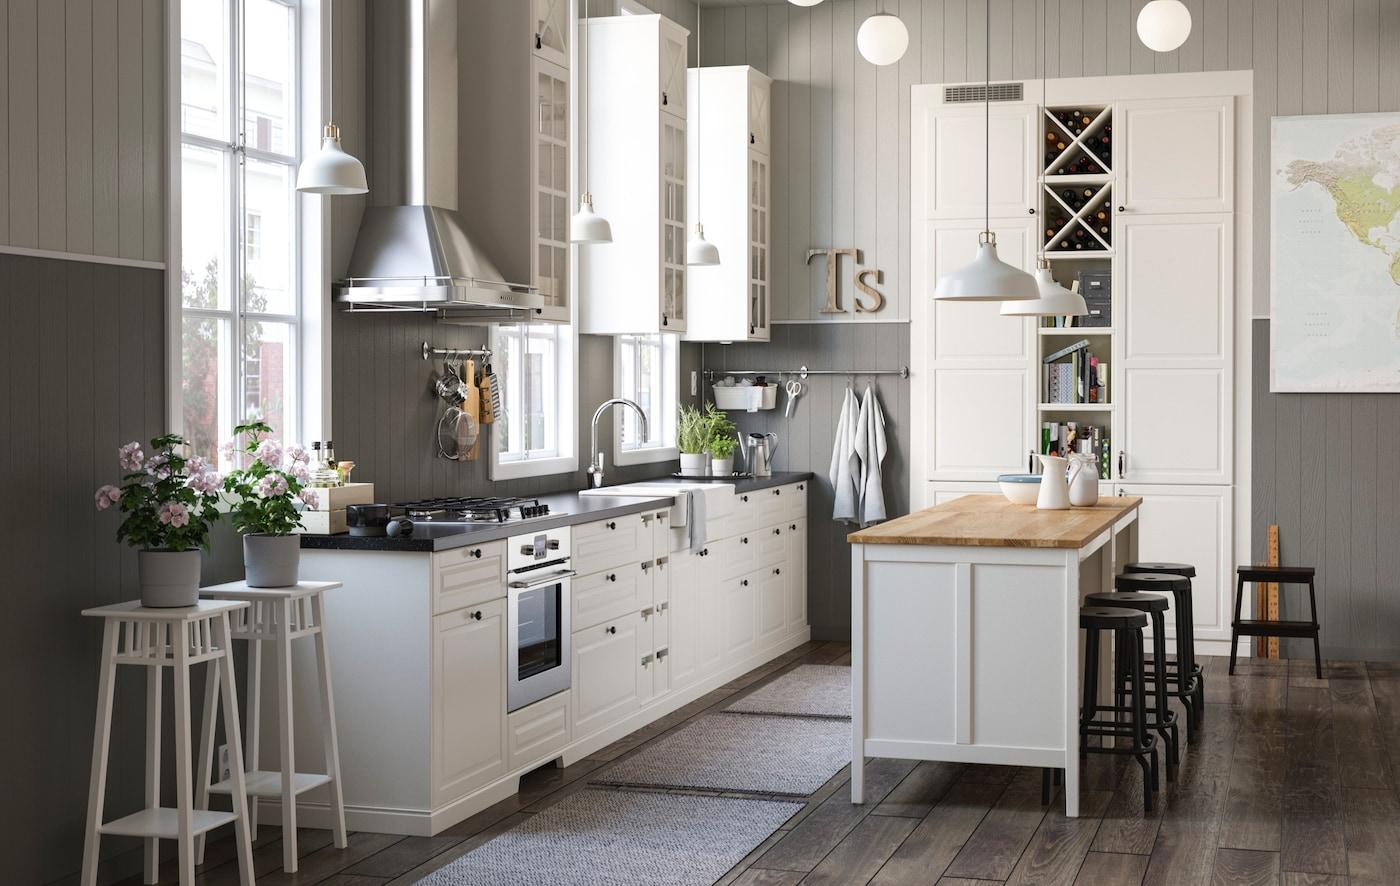 Elegant Kücheninspiration